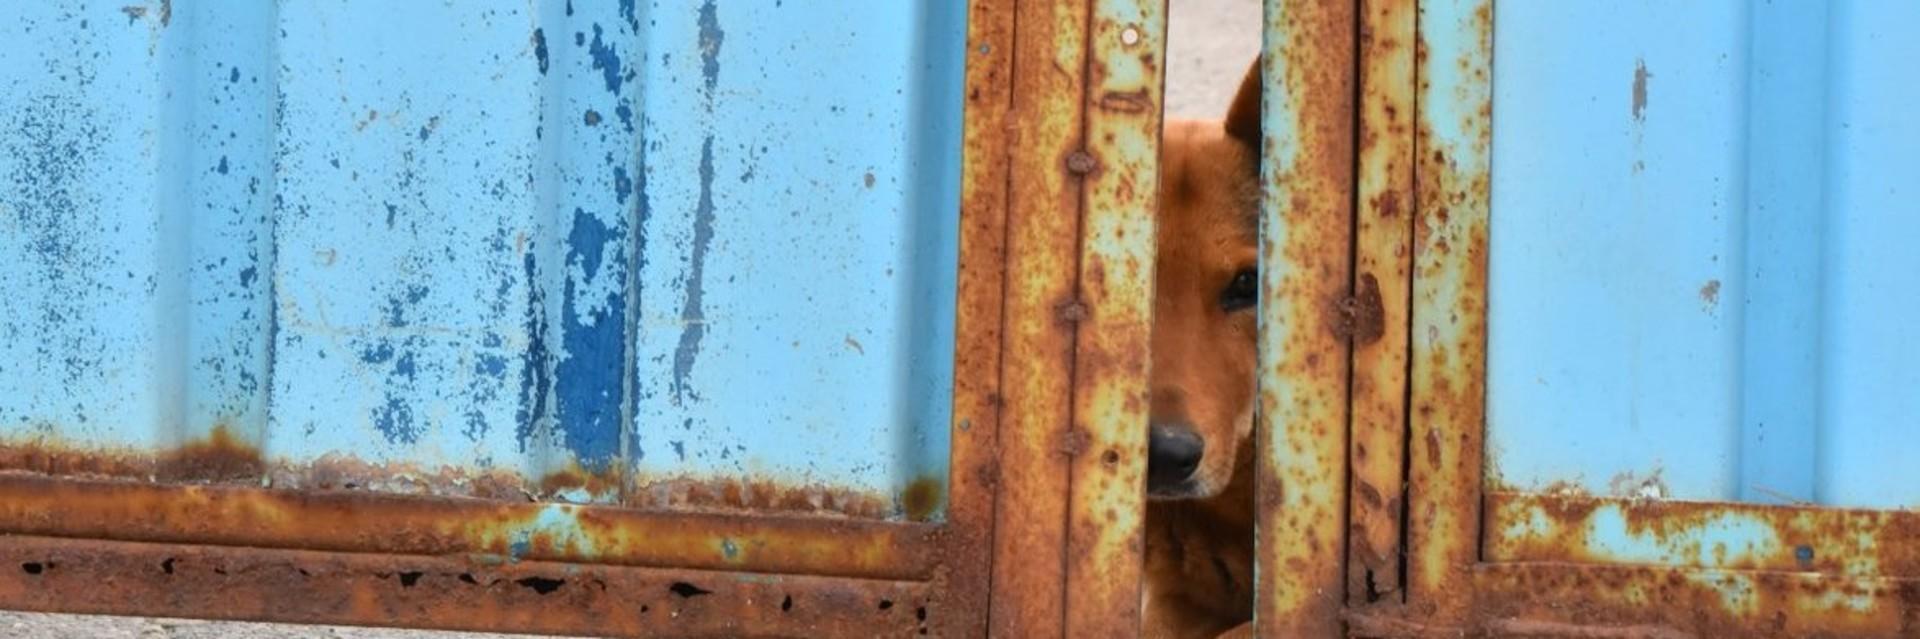 Streunerhund auf Rumäniens Strassen